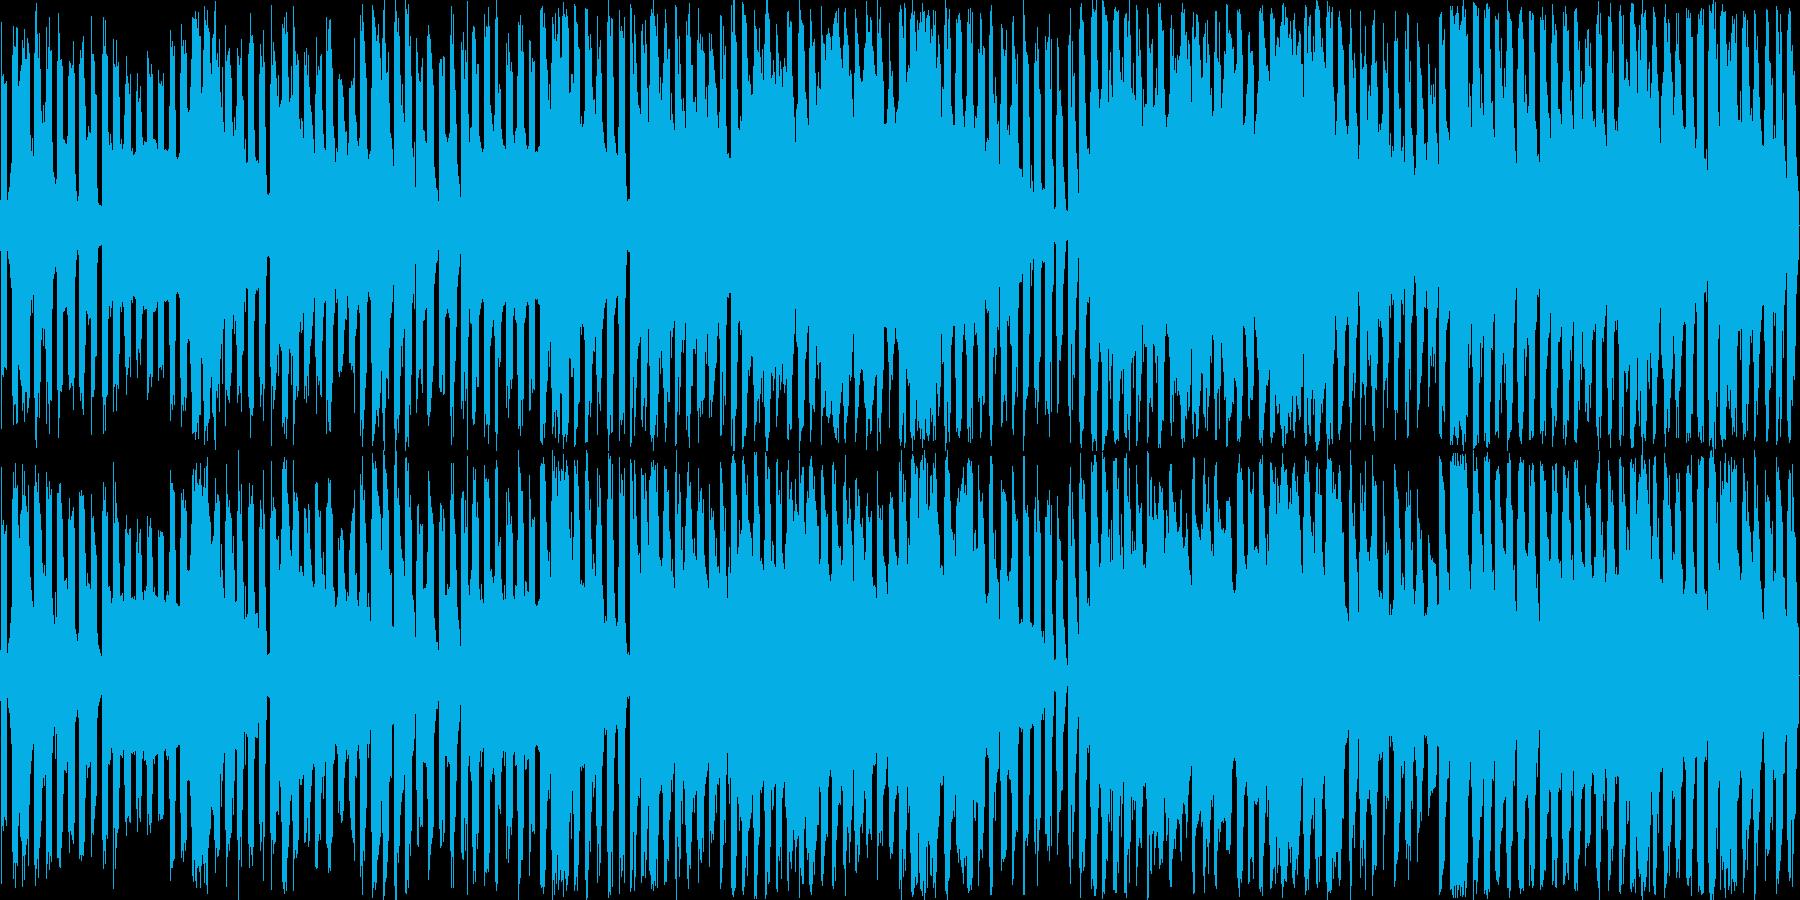 レトロゲームBGMを現代風にした楽曲の再生済みの波形